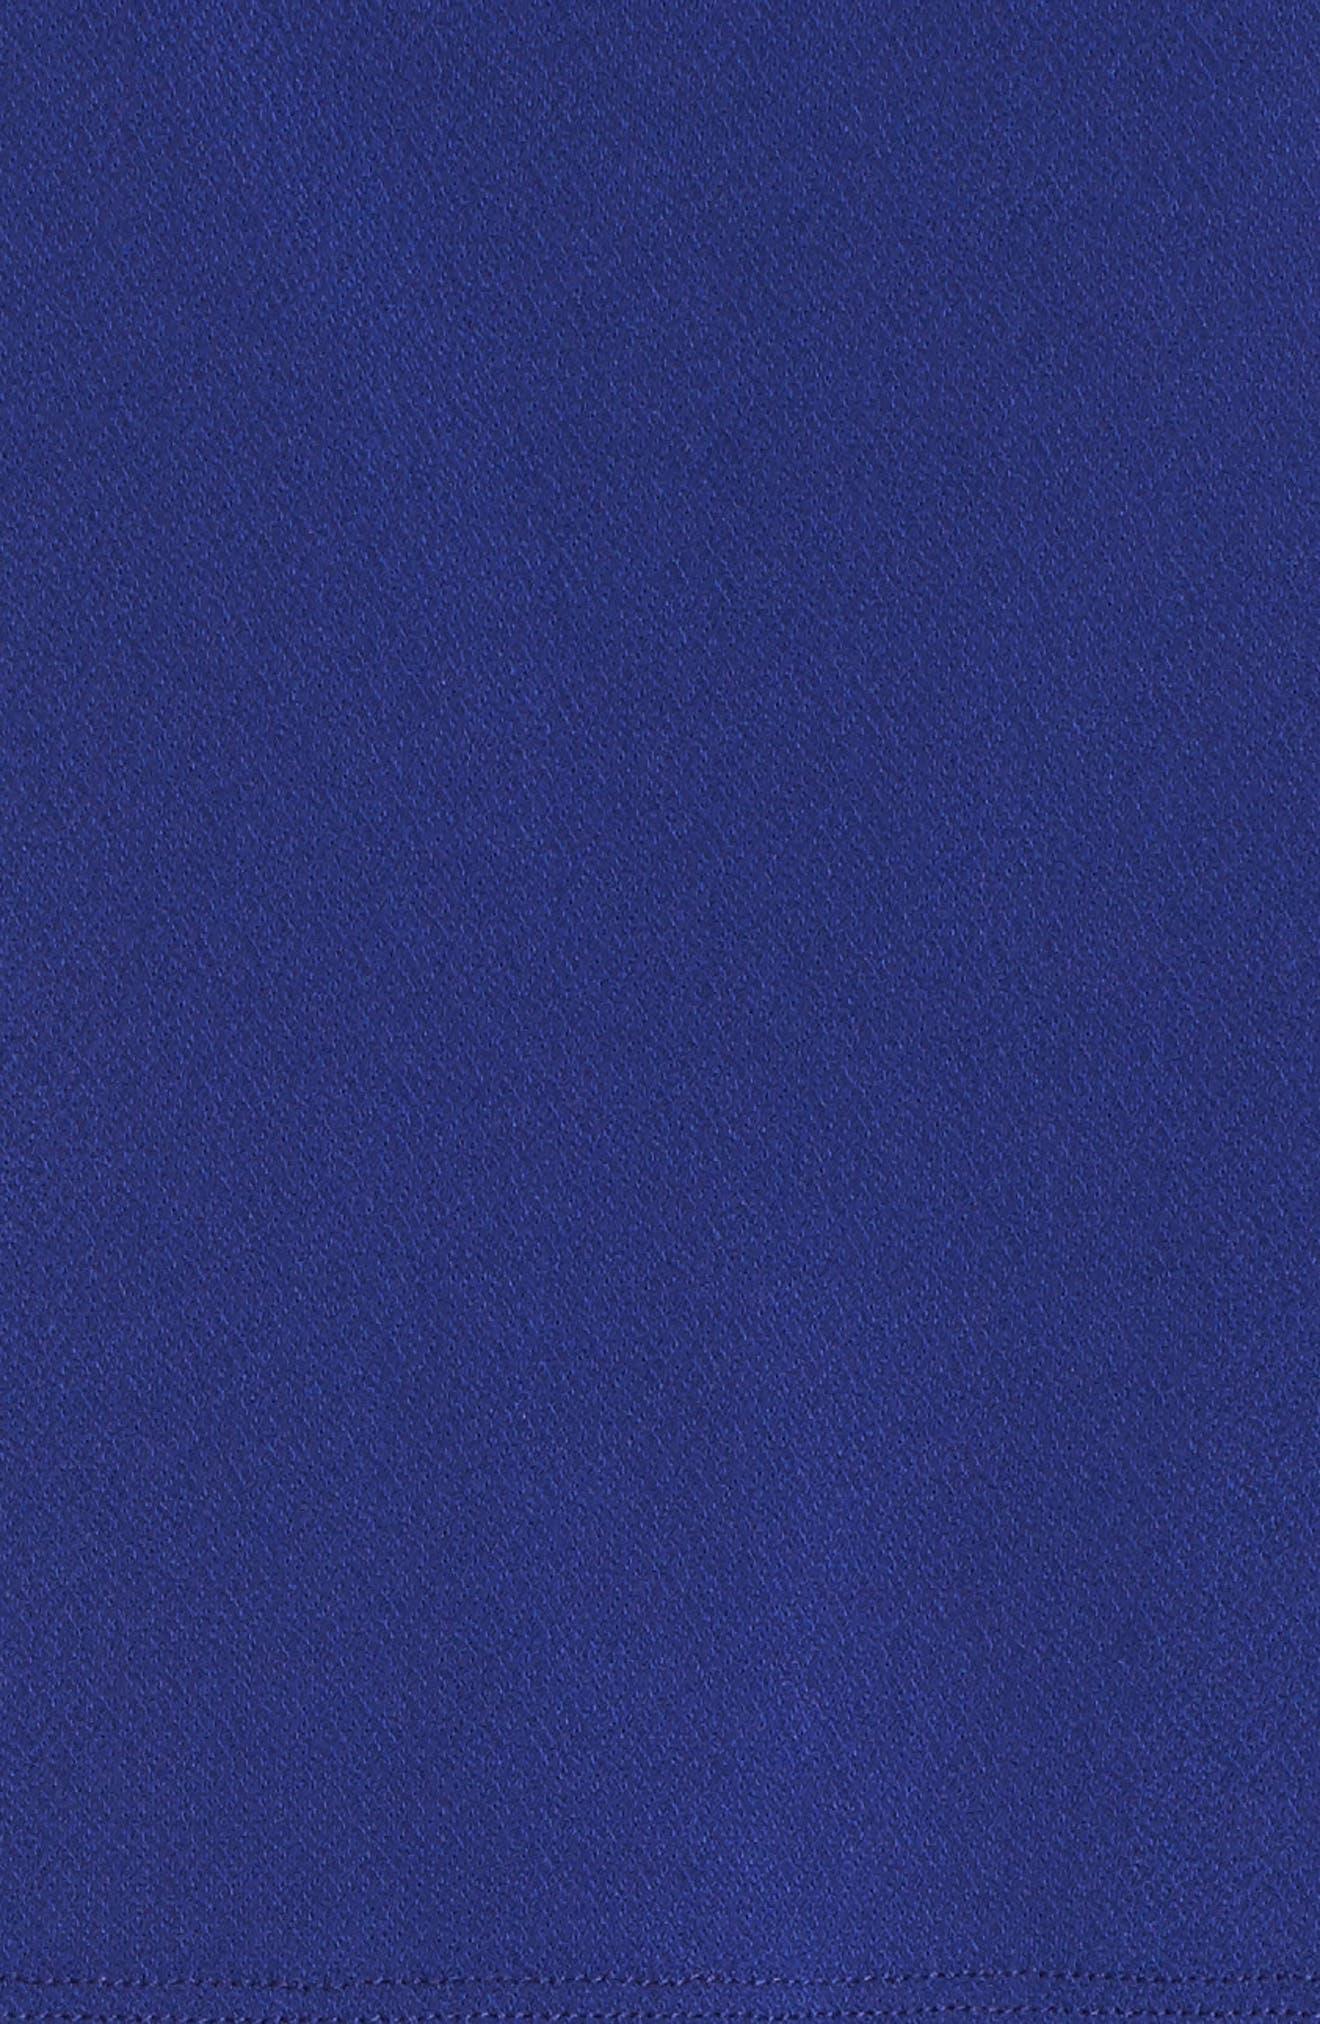 'Syler' Popover Jersey Maxi Dress,                             Alternate thumbnail 5, color,                             415